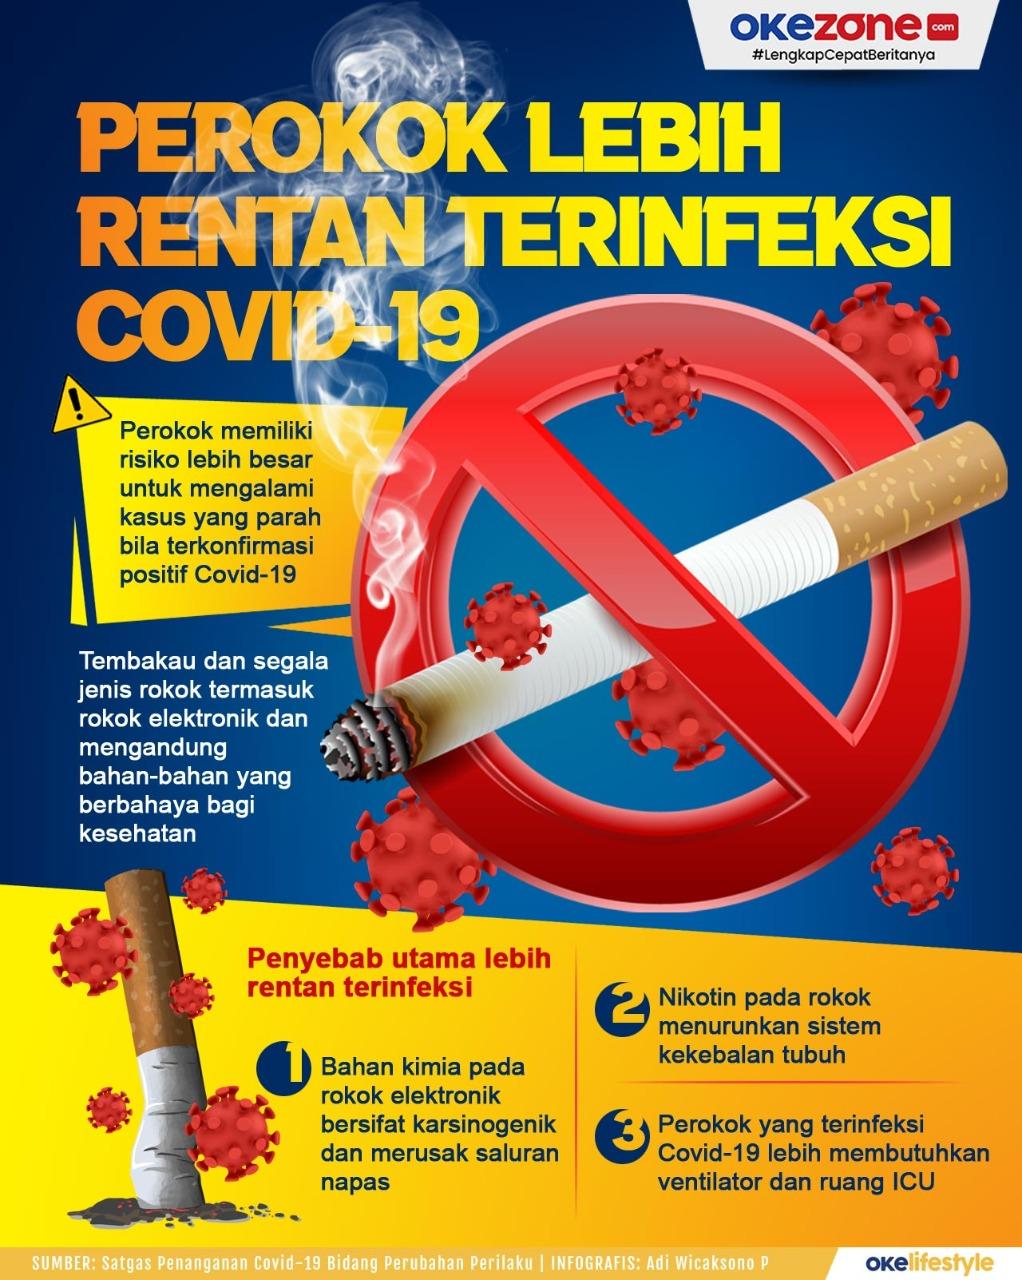 Perokok Lebih Rentan Terinfeksi Covid-19 -